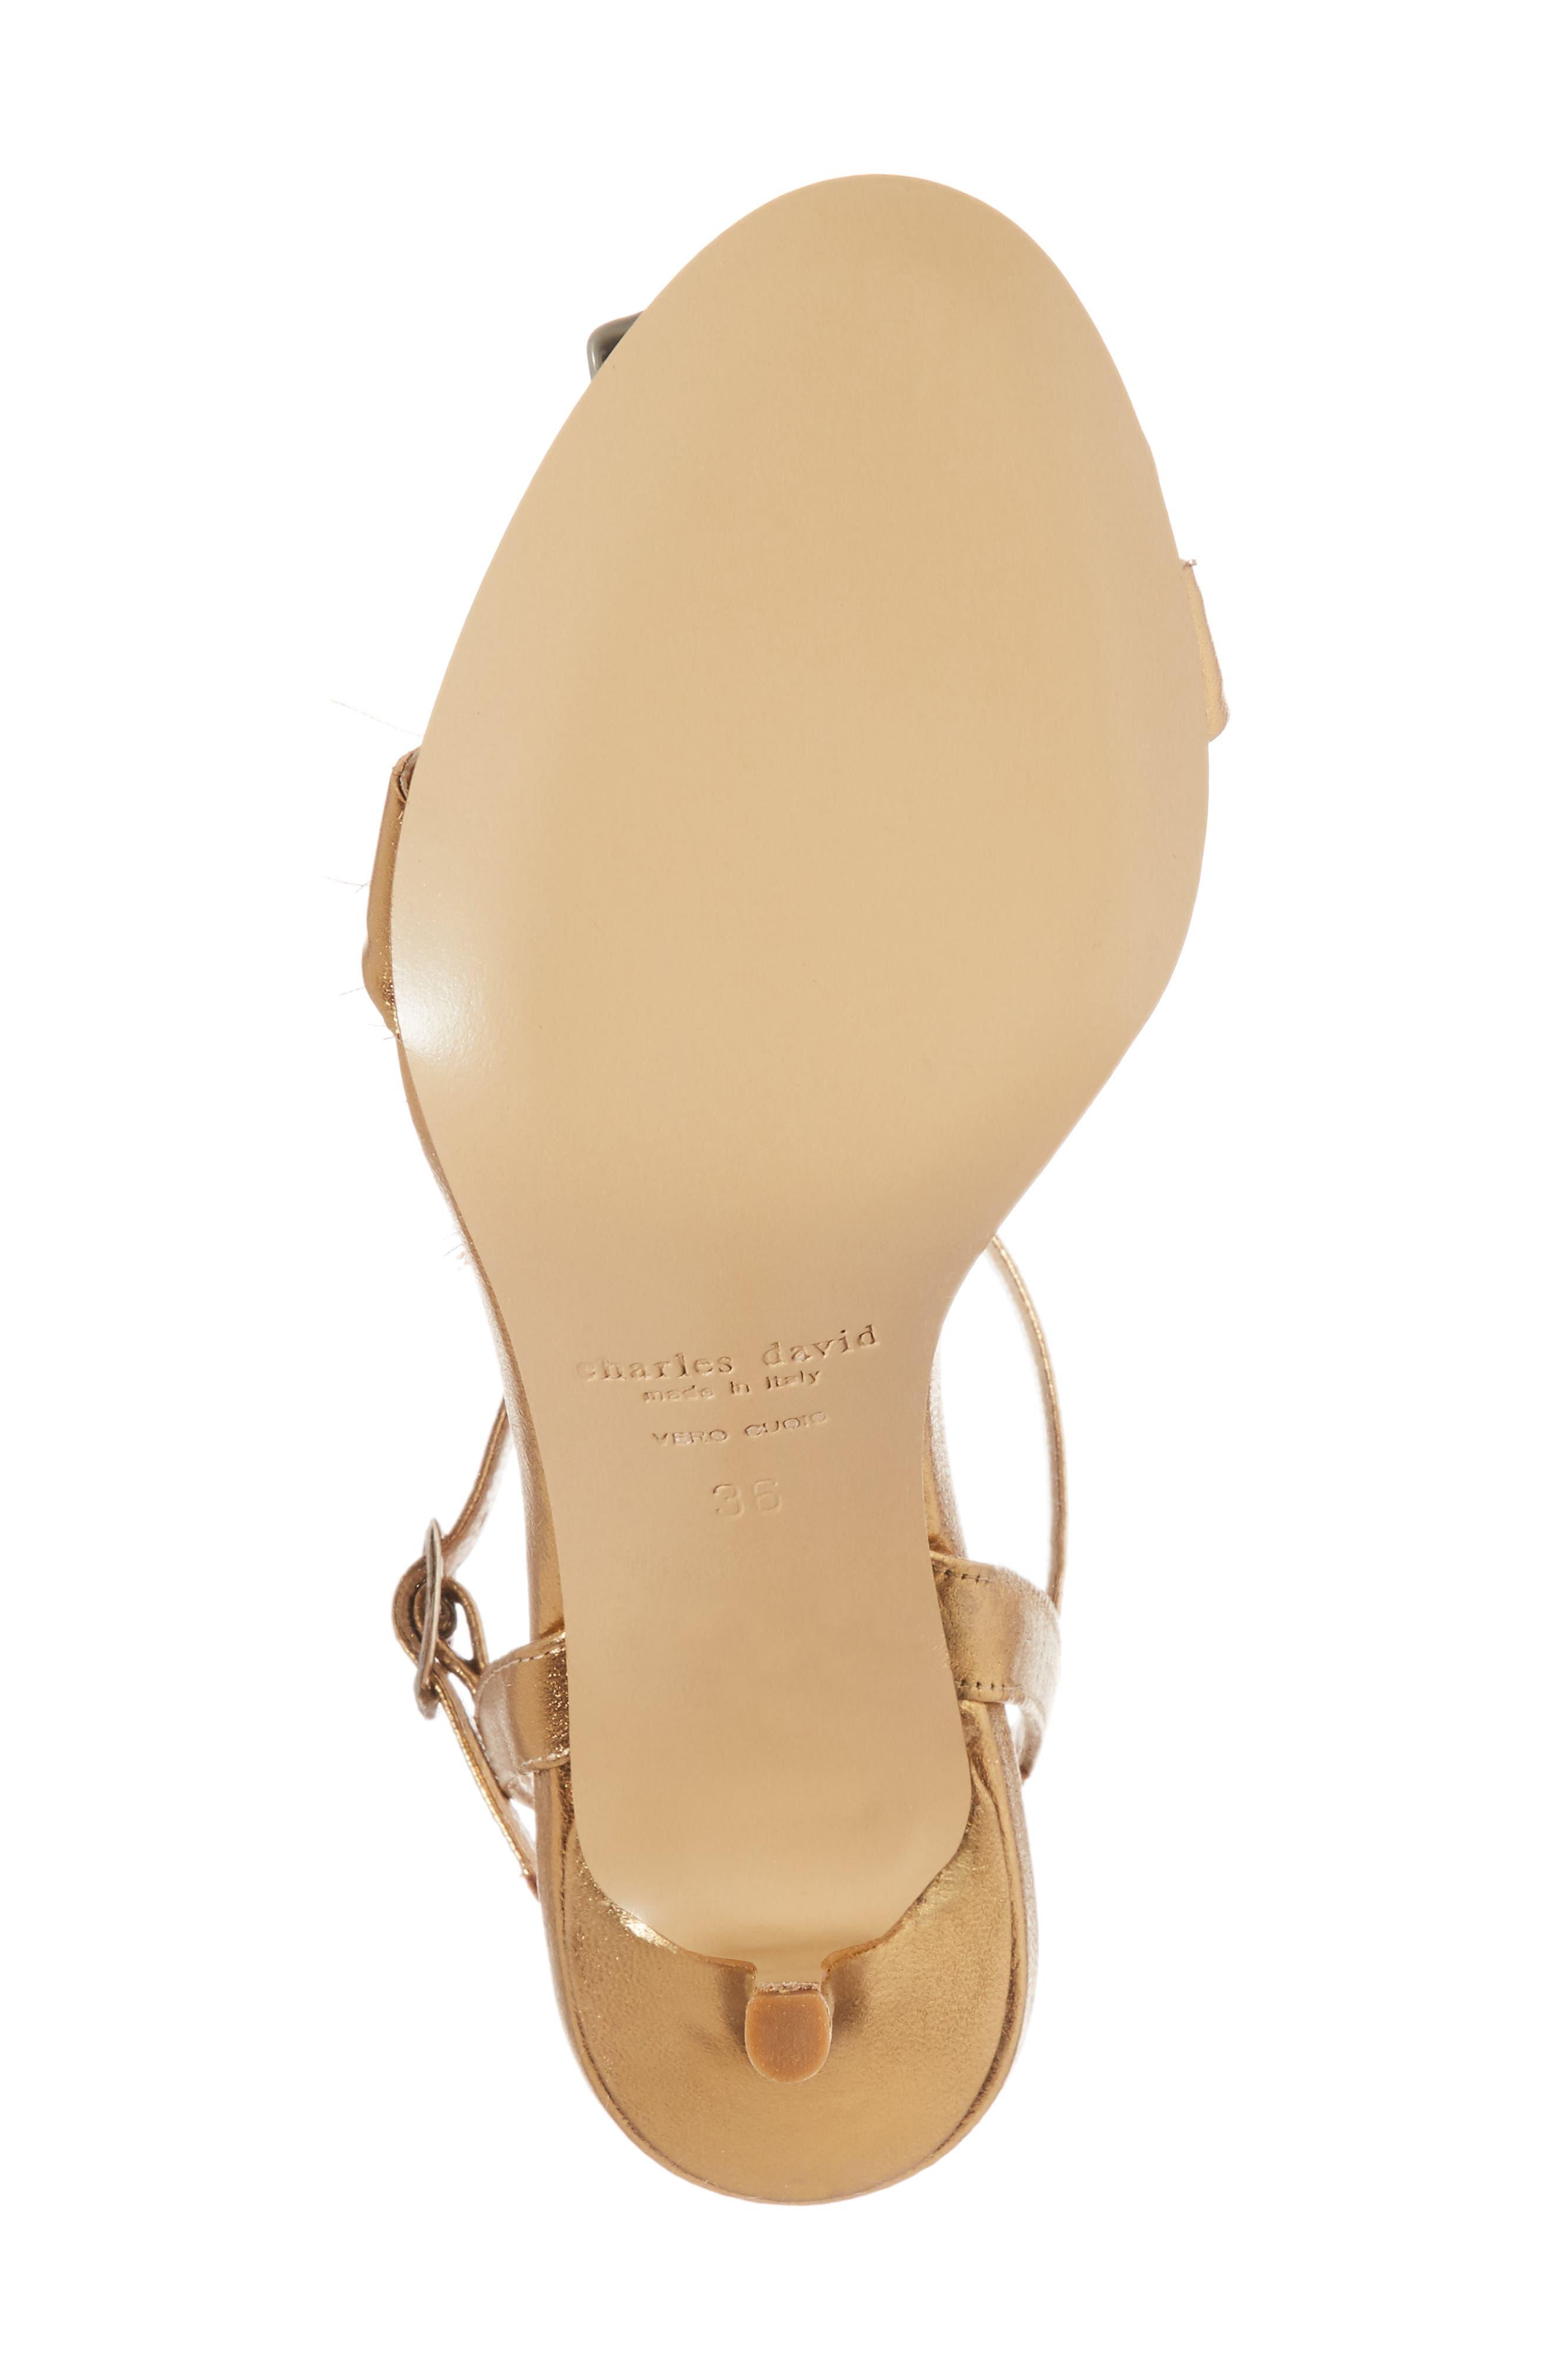 Sassy Tassel Sandal,                             Alternate thumbnail 6, color,                             Gold Leather